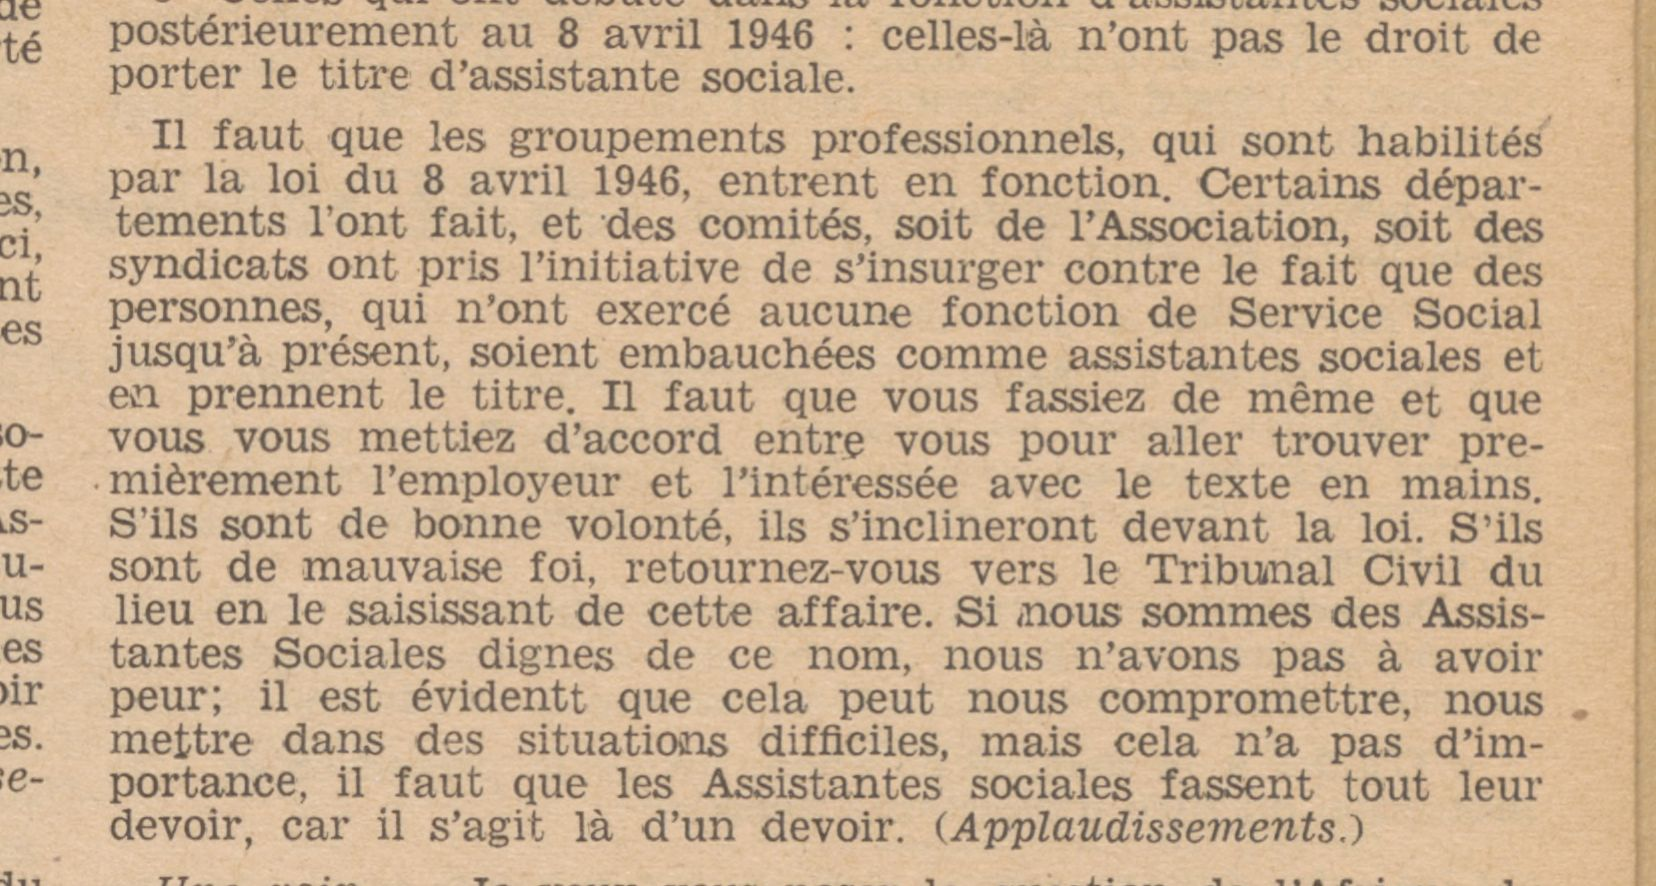 Feuillets de l'Association nationale des assistantes sociales et des assistants sociaux, Association nationale des assistants de service social, Paris, 1947, n° 1947-01, p. 6.